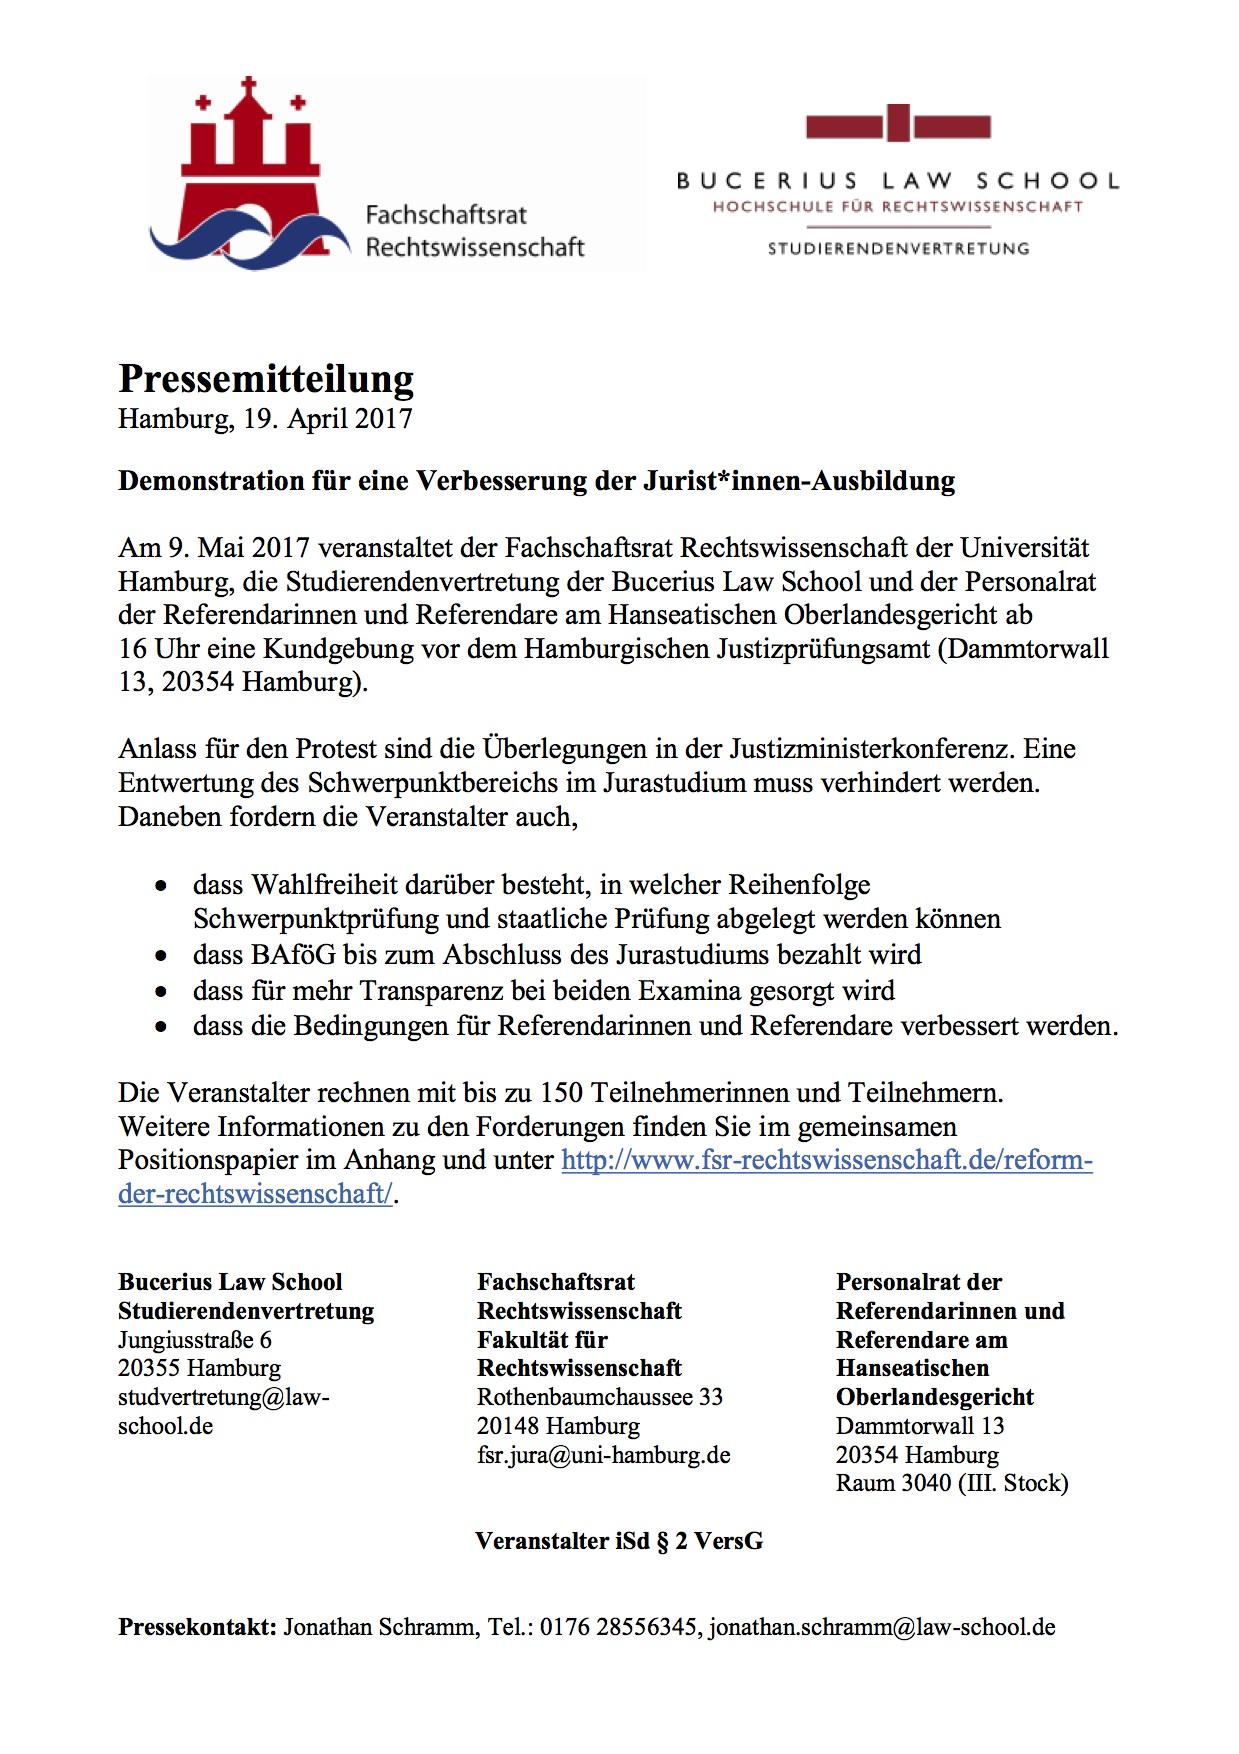 Pressemitteilung_SPB-Demo